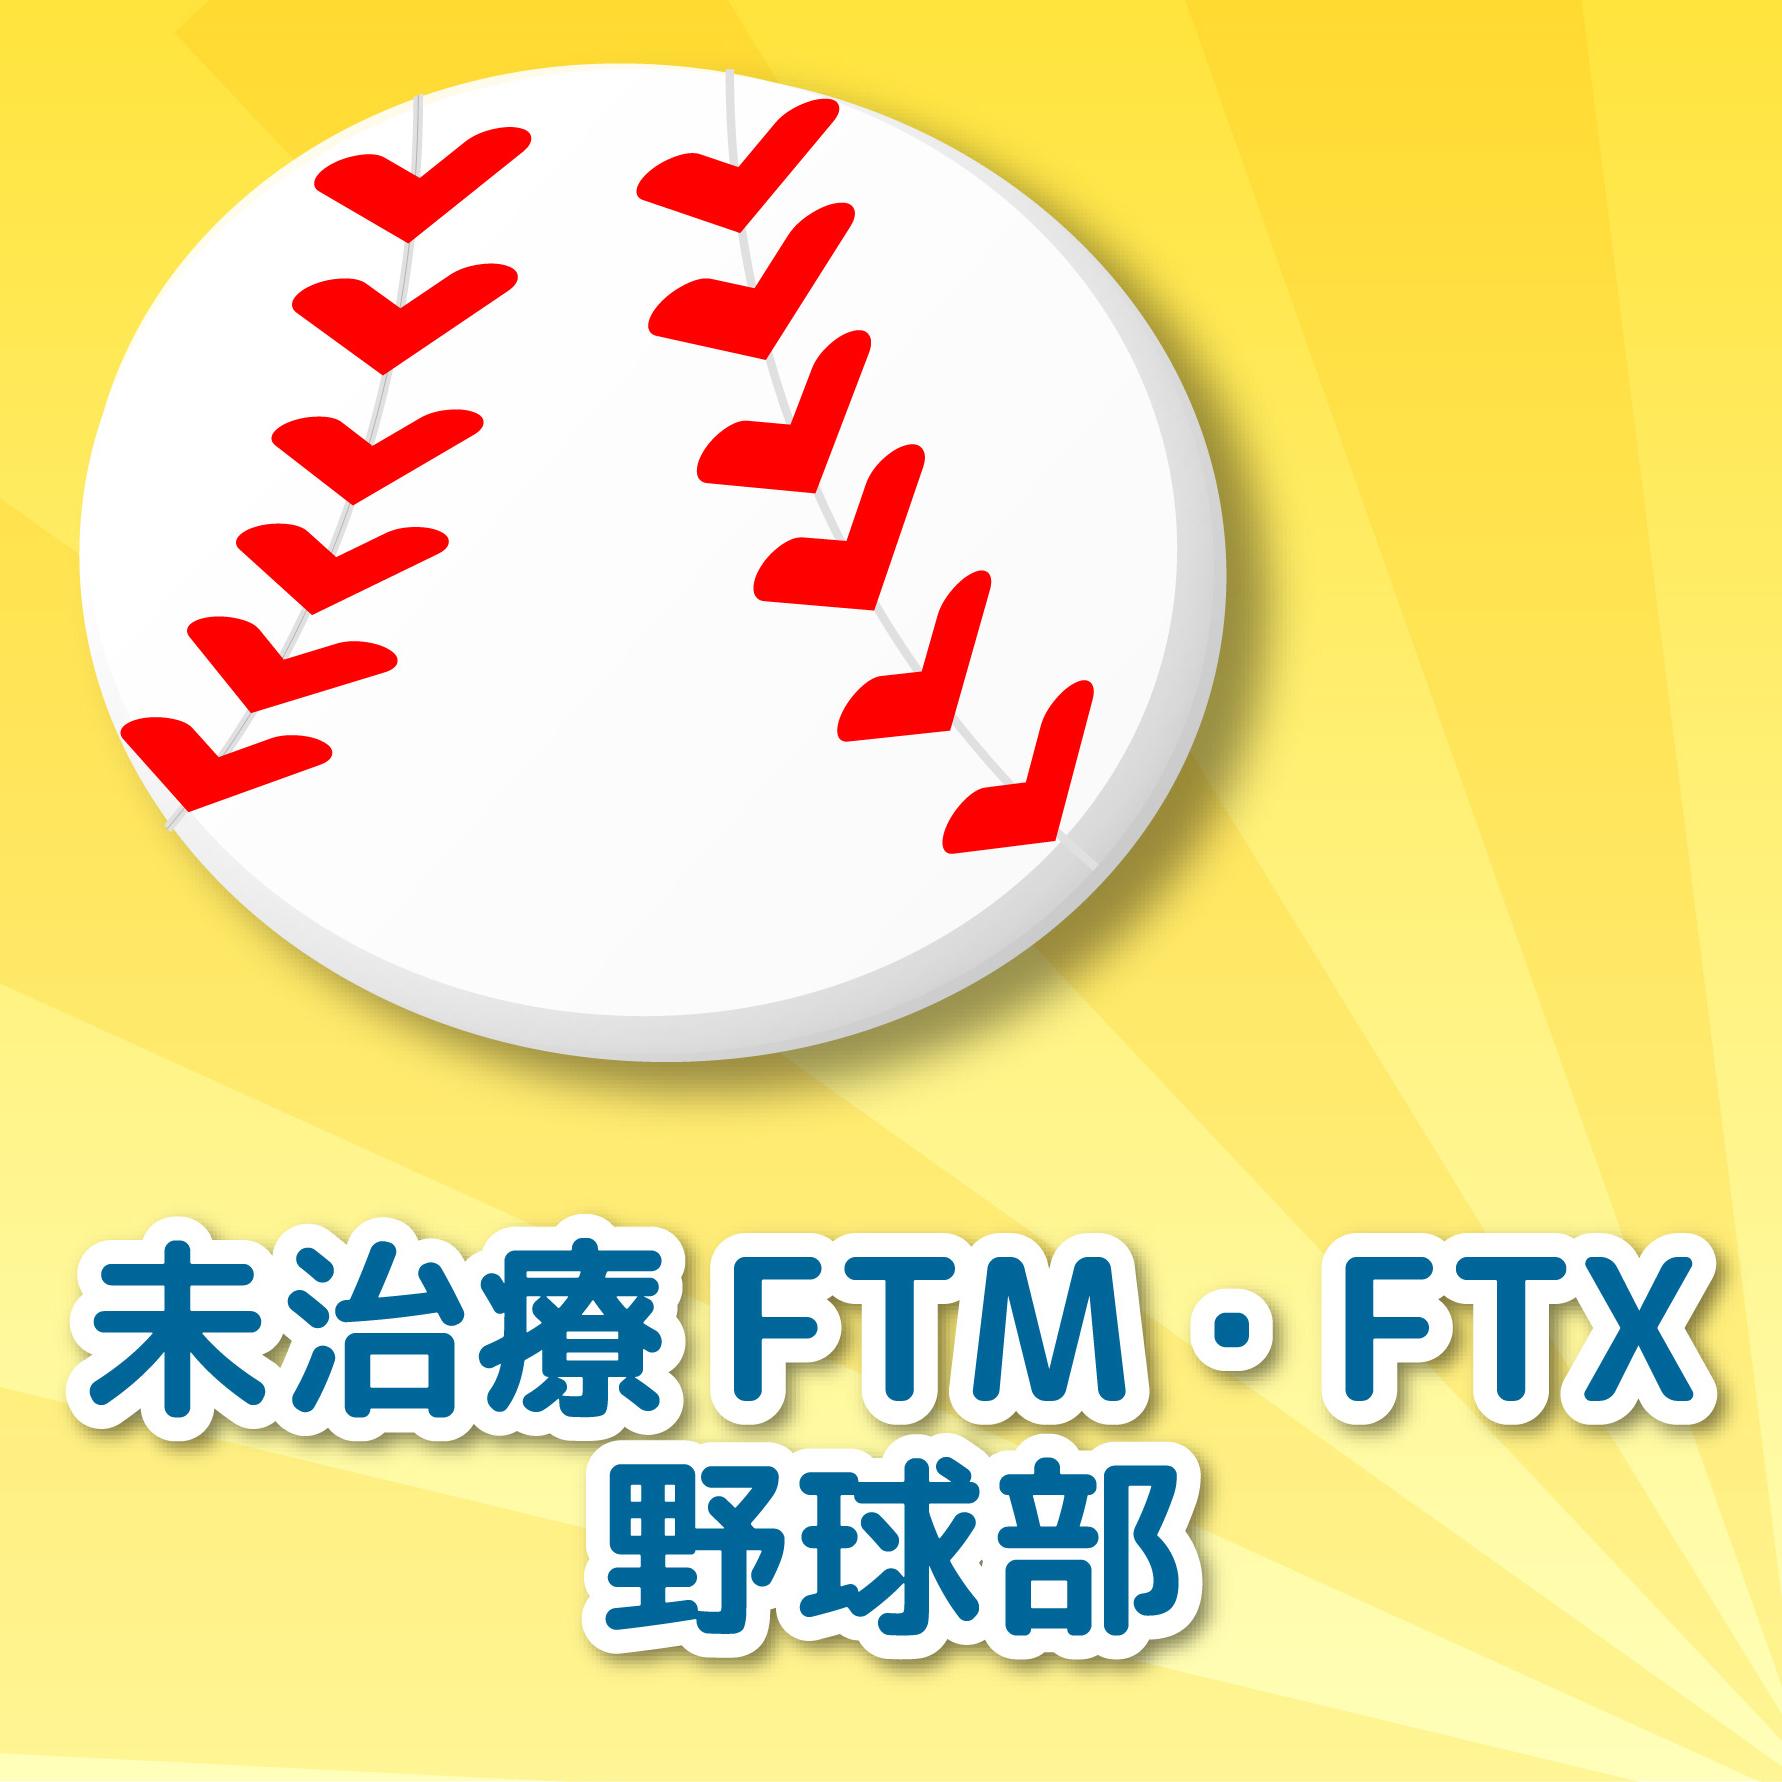 【紡ぐ会】vol.9『軟式野球を紡ぐ会』お申込み受付開始しました!